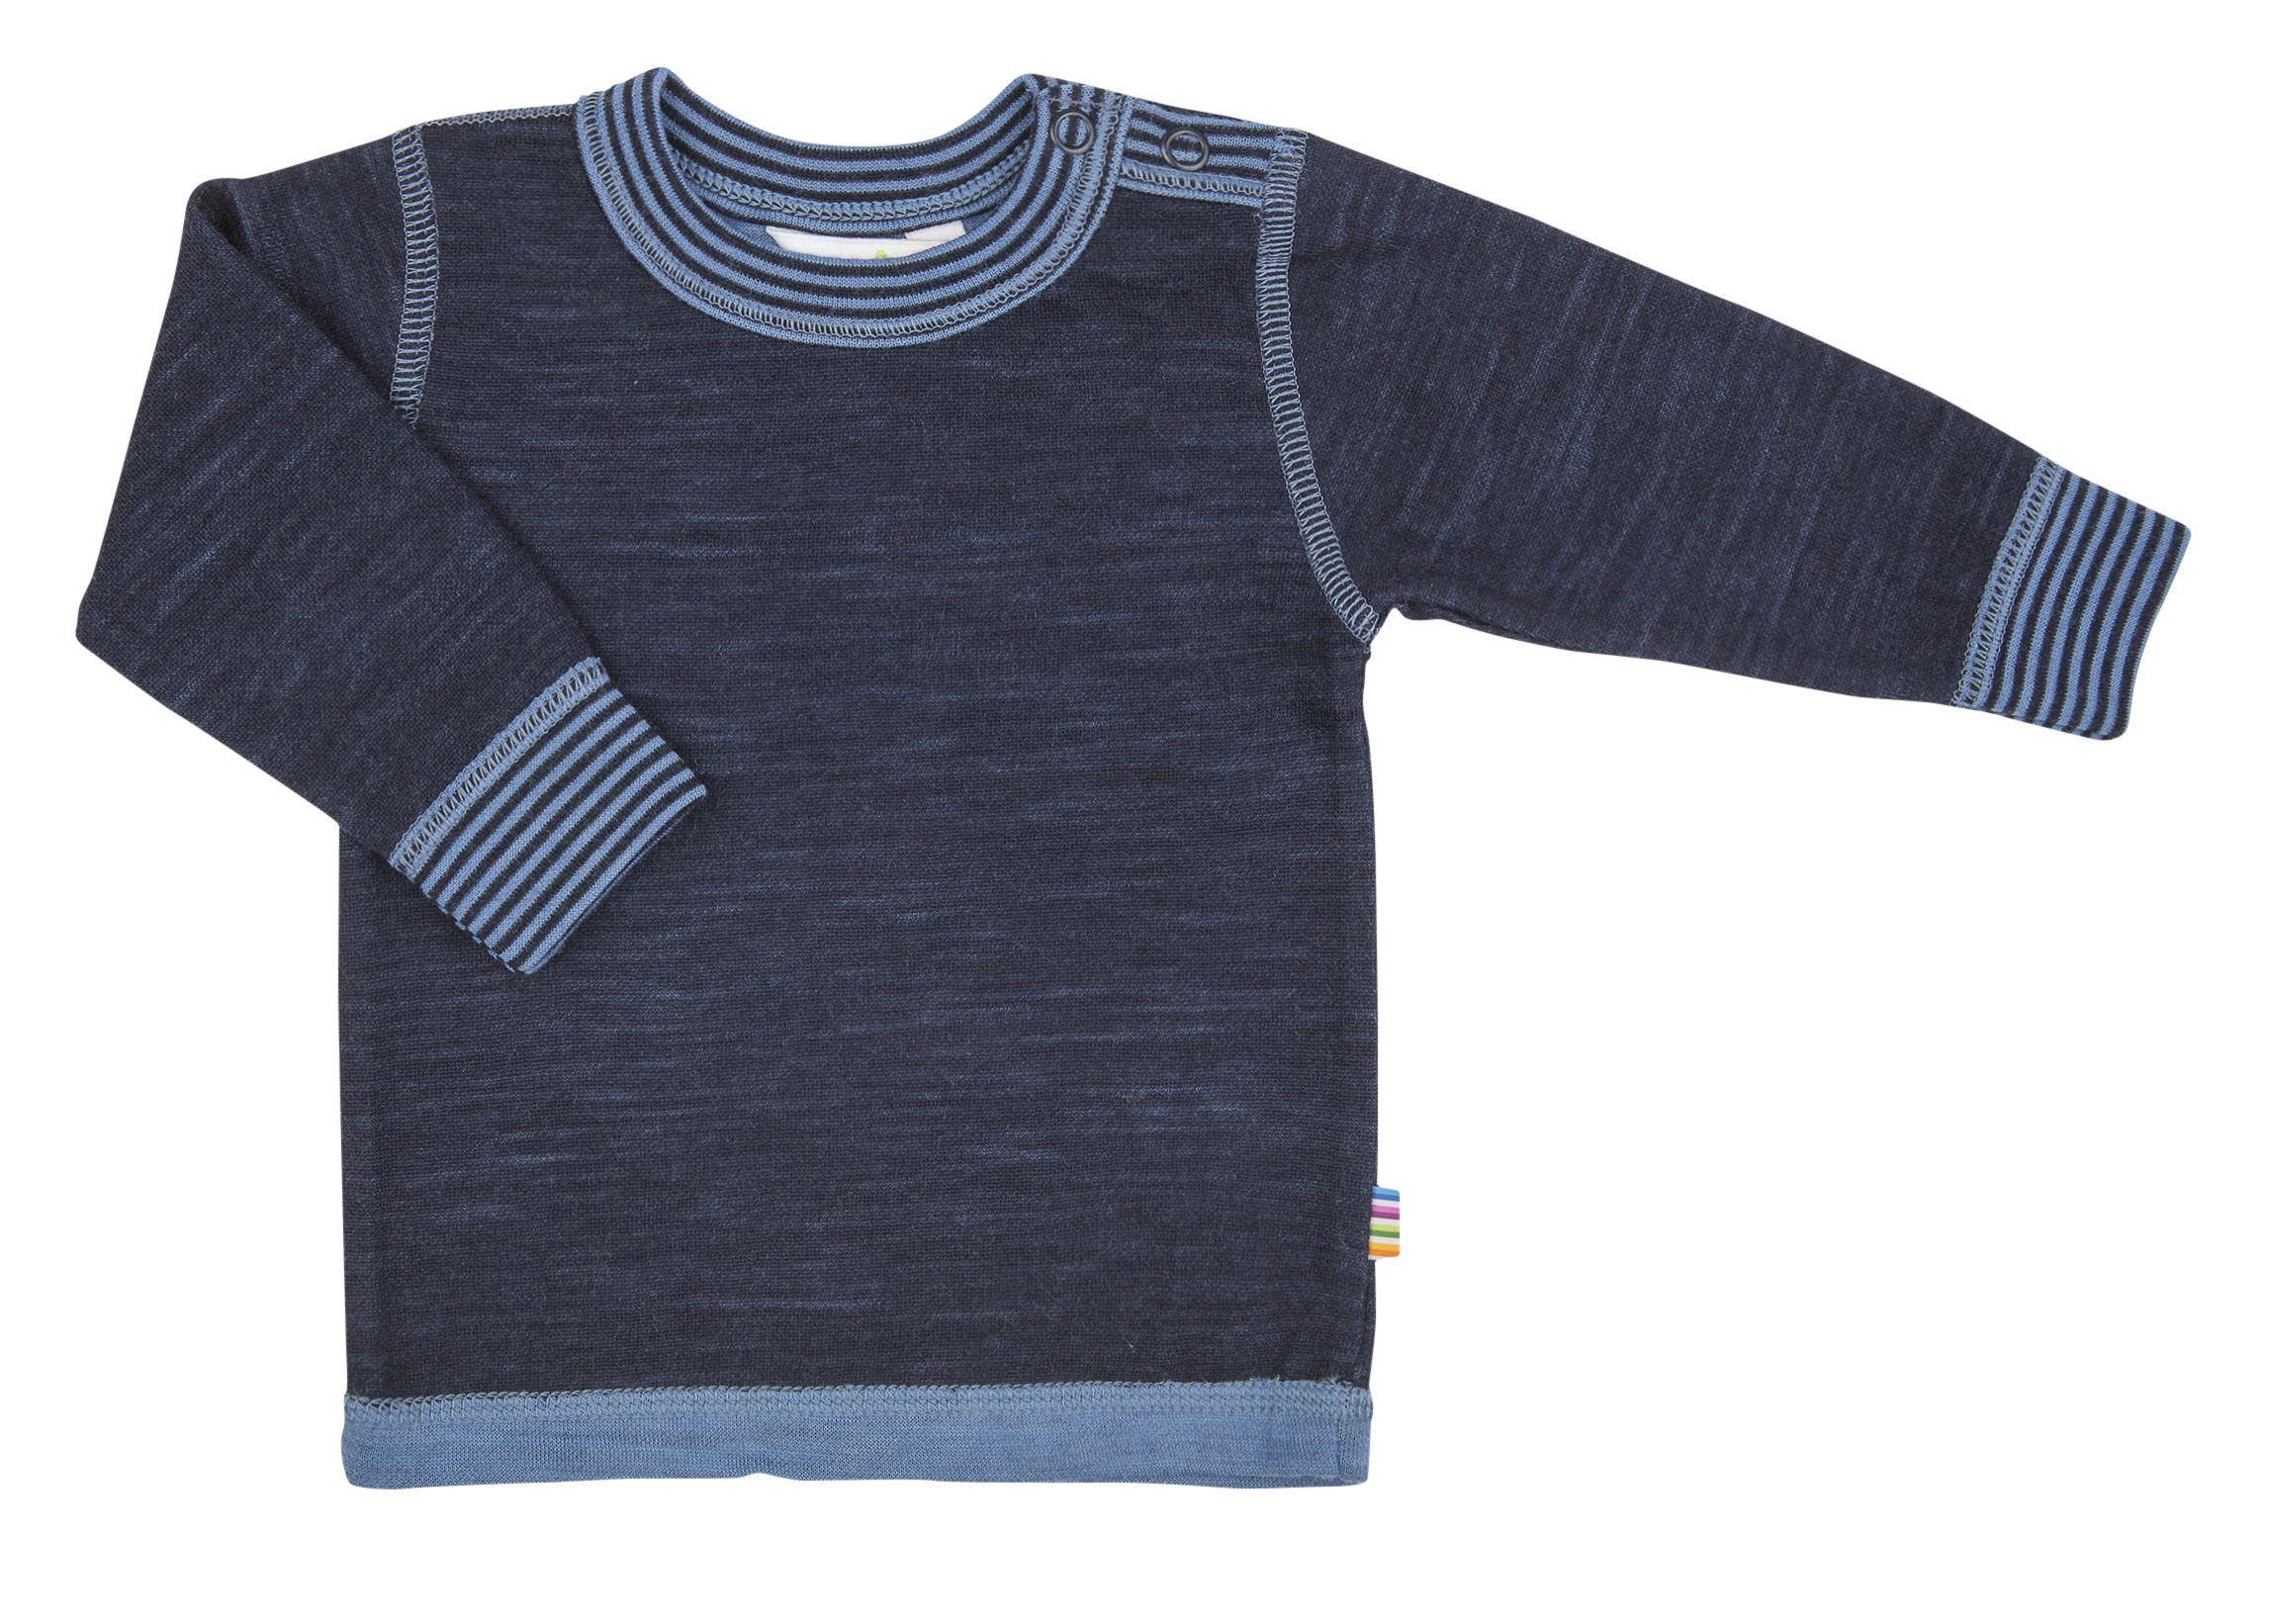 Image of   Uld trøje fra Joha - Marine melange m. blå